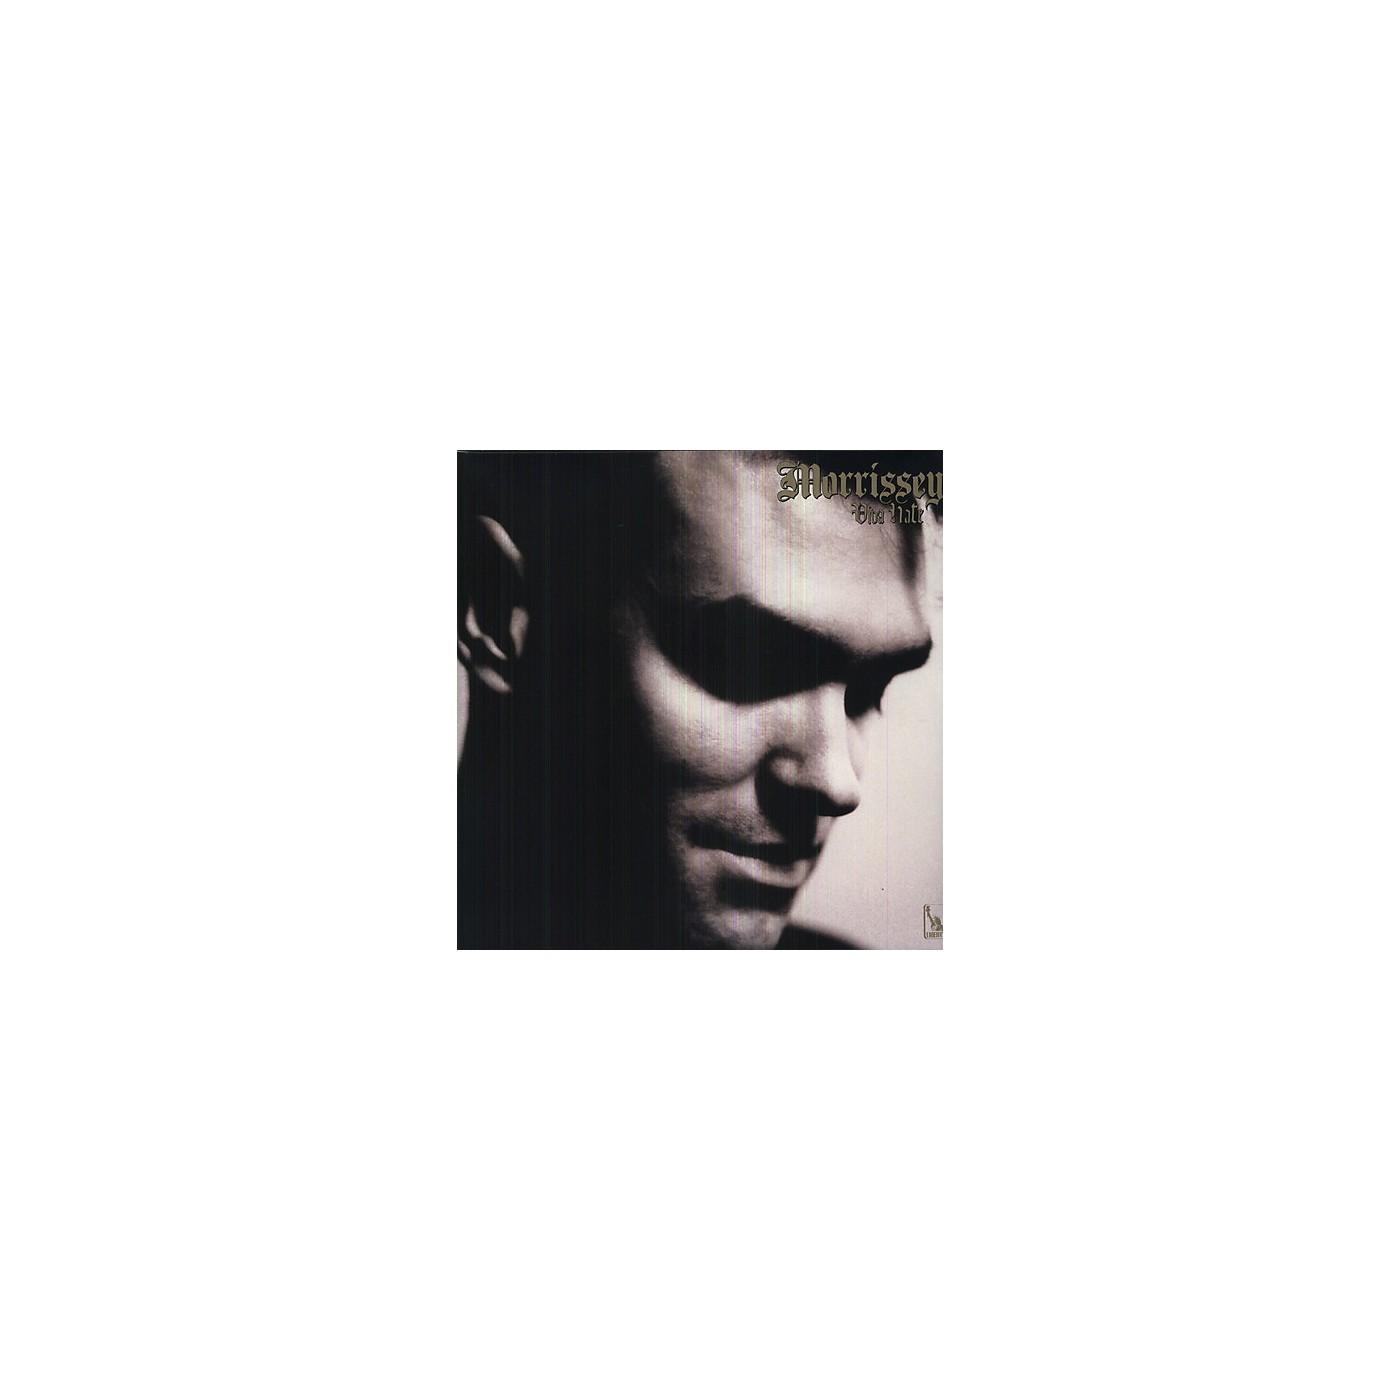 Alliance Morrissey - Viva Hate: 2012 Remaster thumbnail